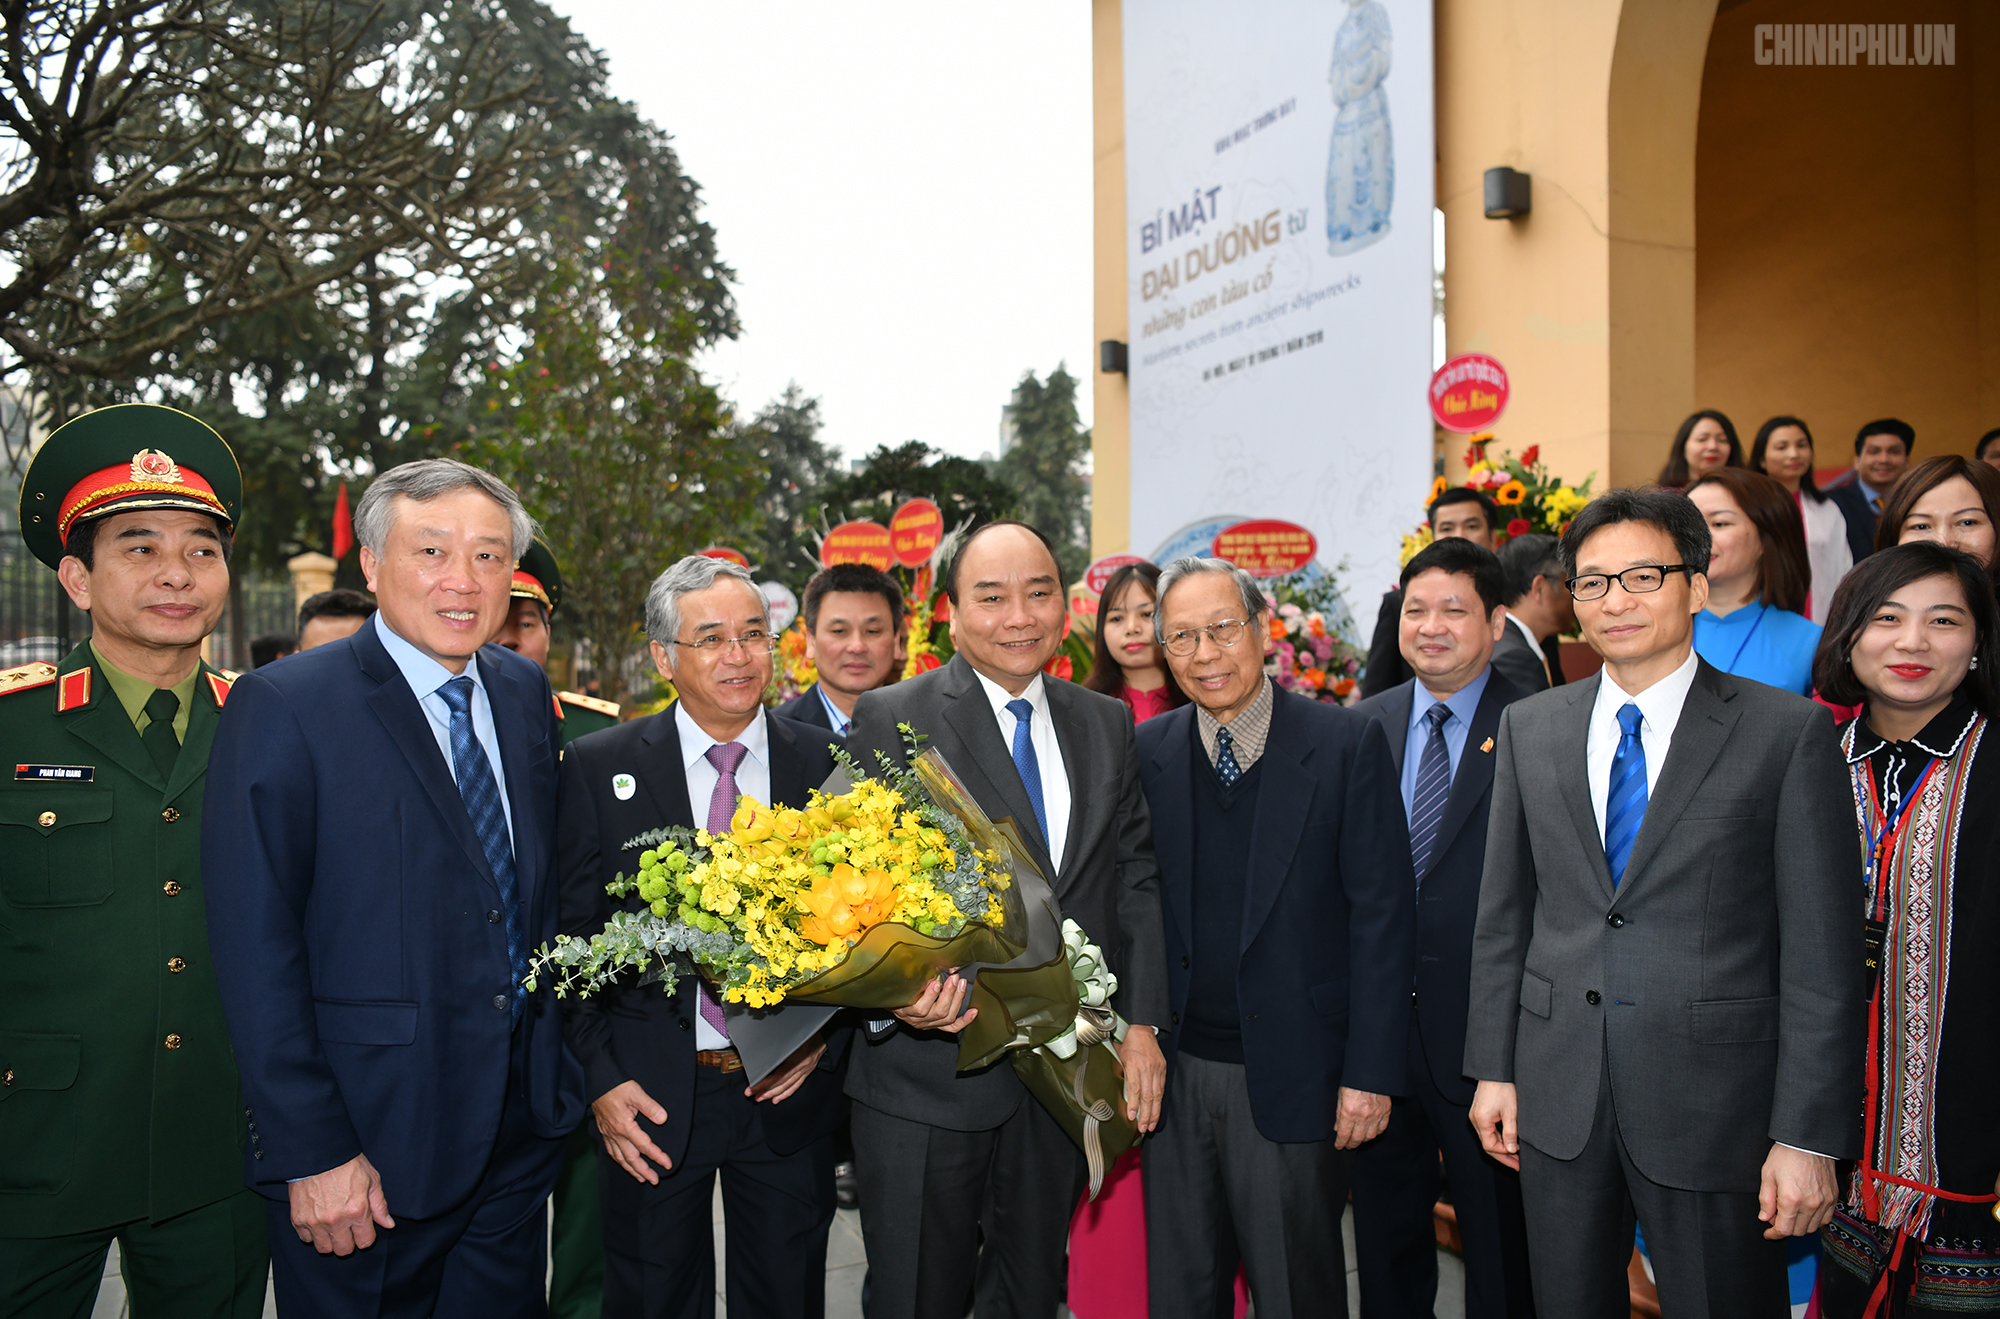 Thủ tướng Nguyễn Xuân Phúc, Phó Thủ tướng Vũ Đức Đam, Chánh án TANDTC Nguyễn Hòa Bình, cùng các đại biểu thăm Bảo tàng Lịch sử quốc gia Việt Nam. Ảnh VGP/Quang Hiếu